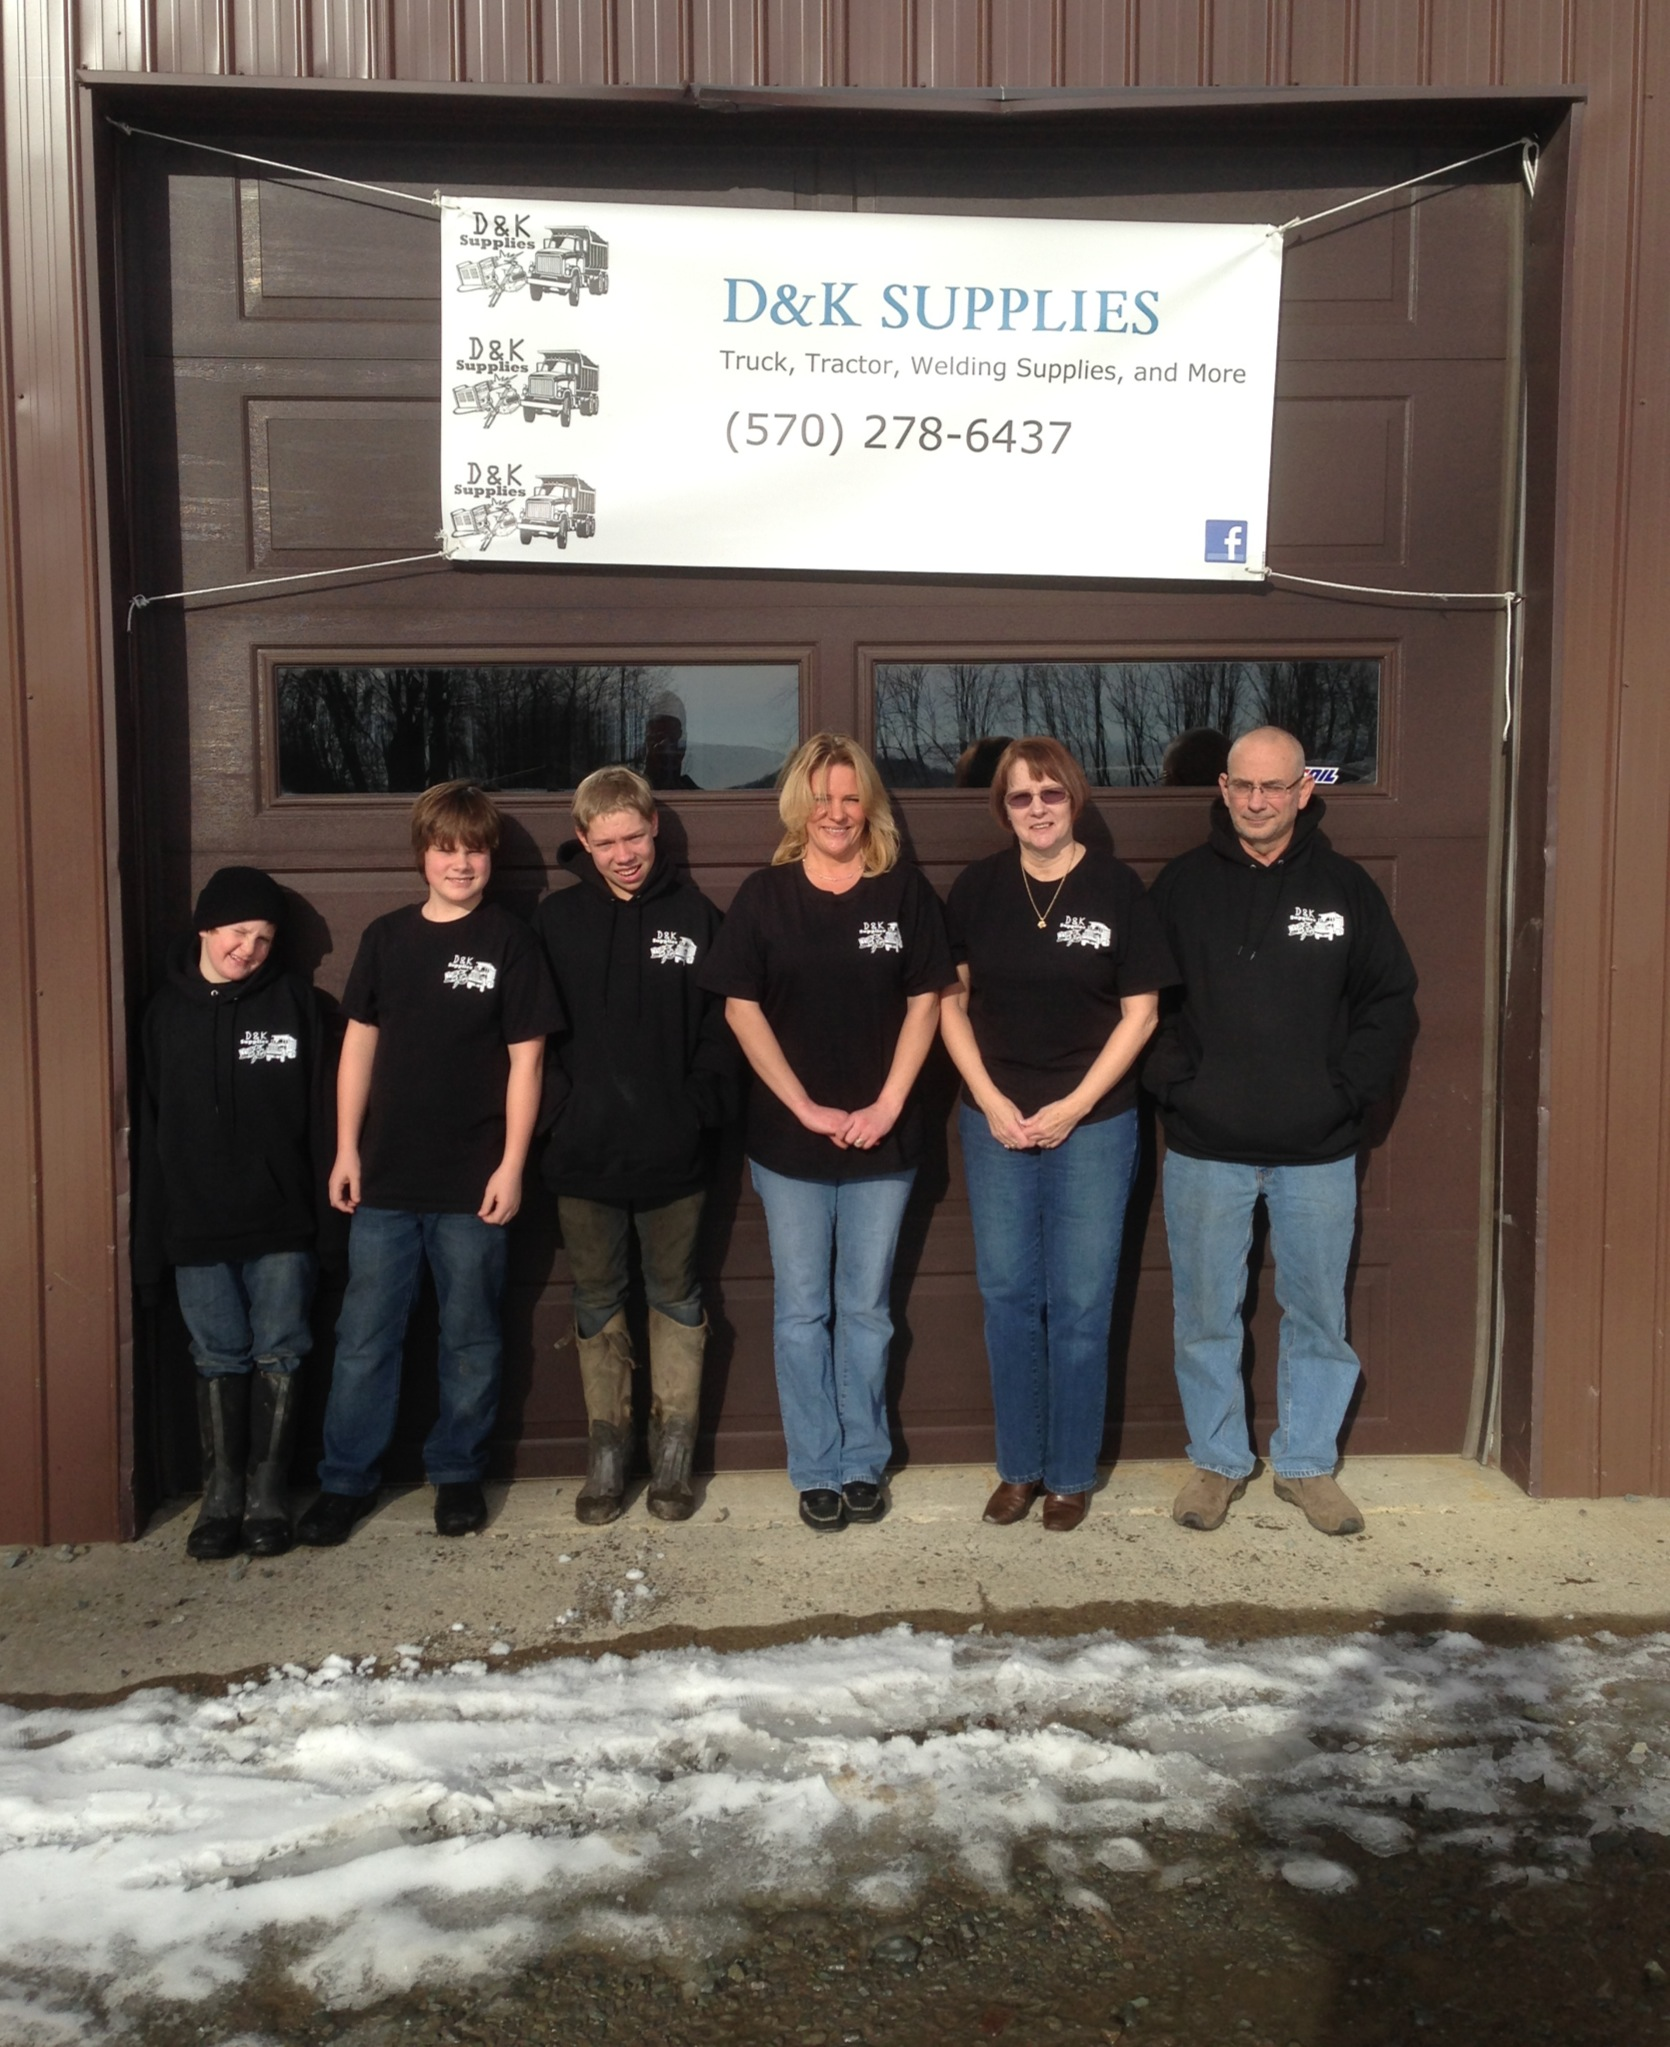 Shirt design supplies - D K Supplies Group Shot T Shirt Photo